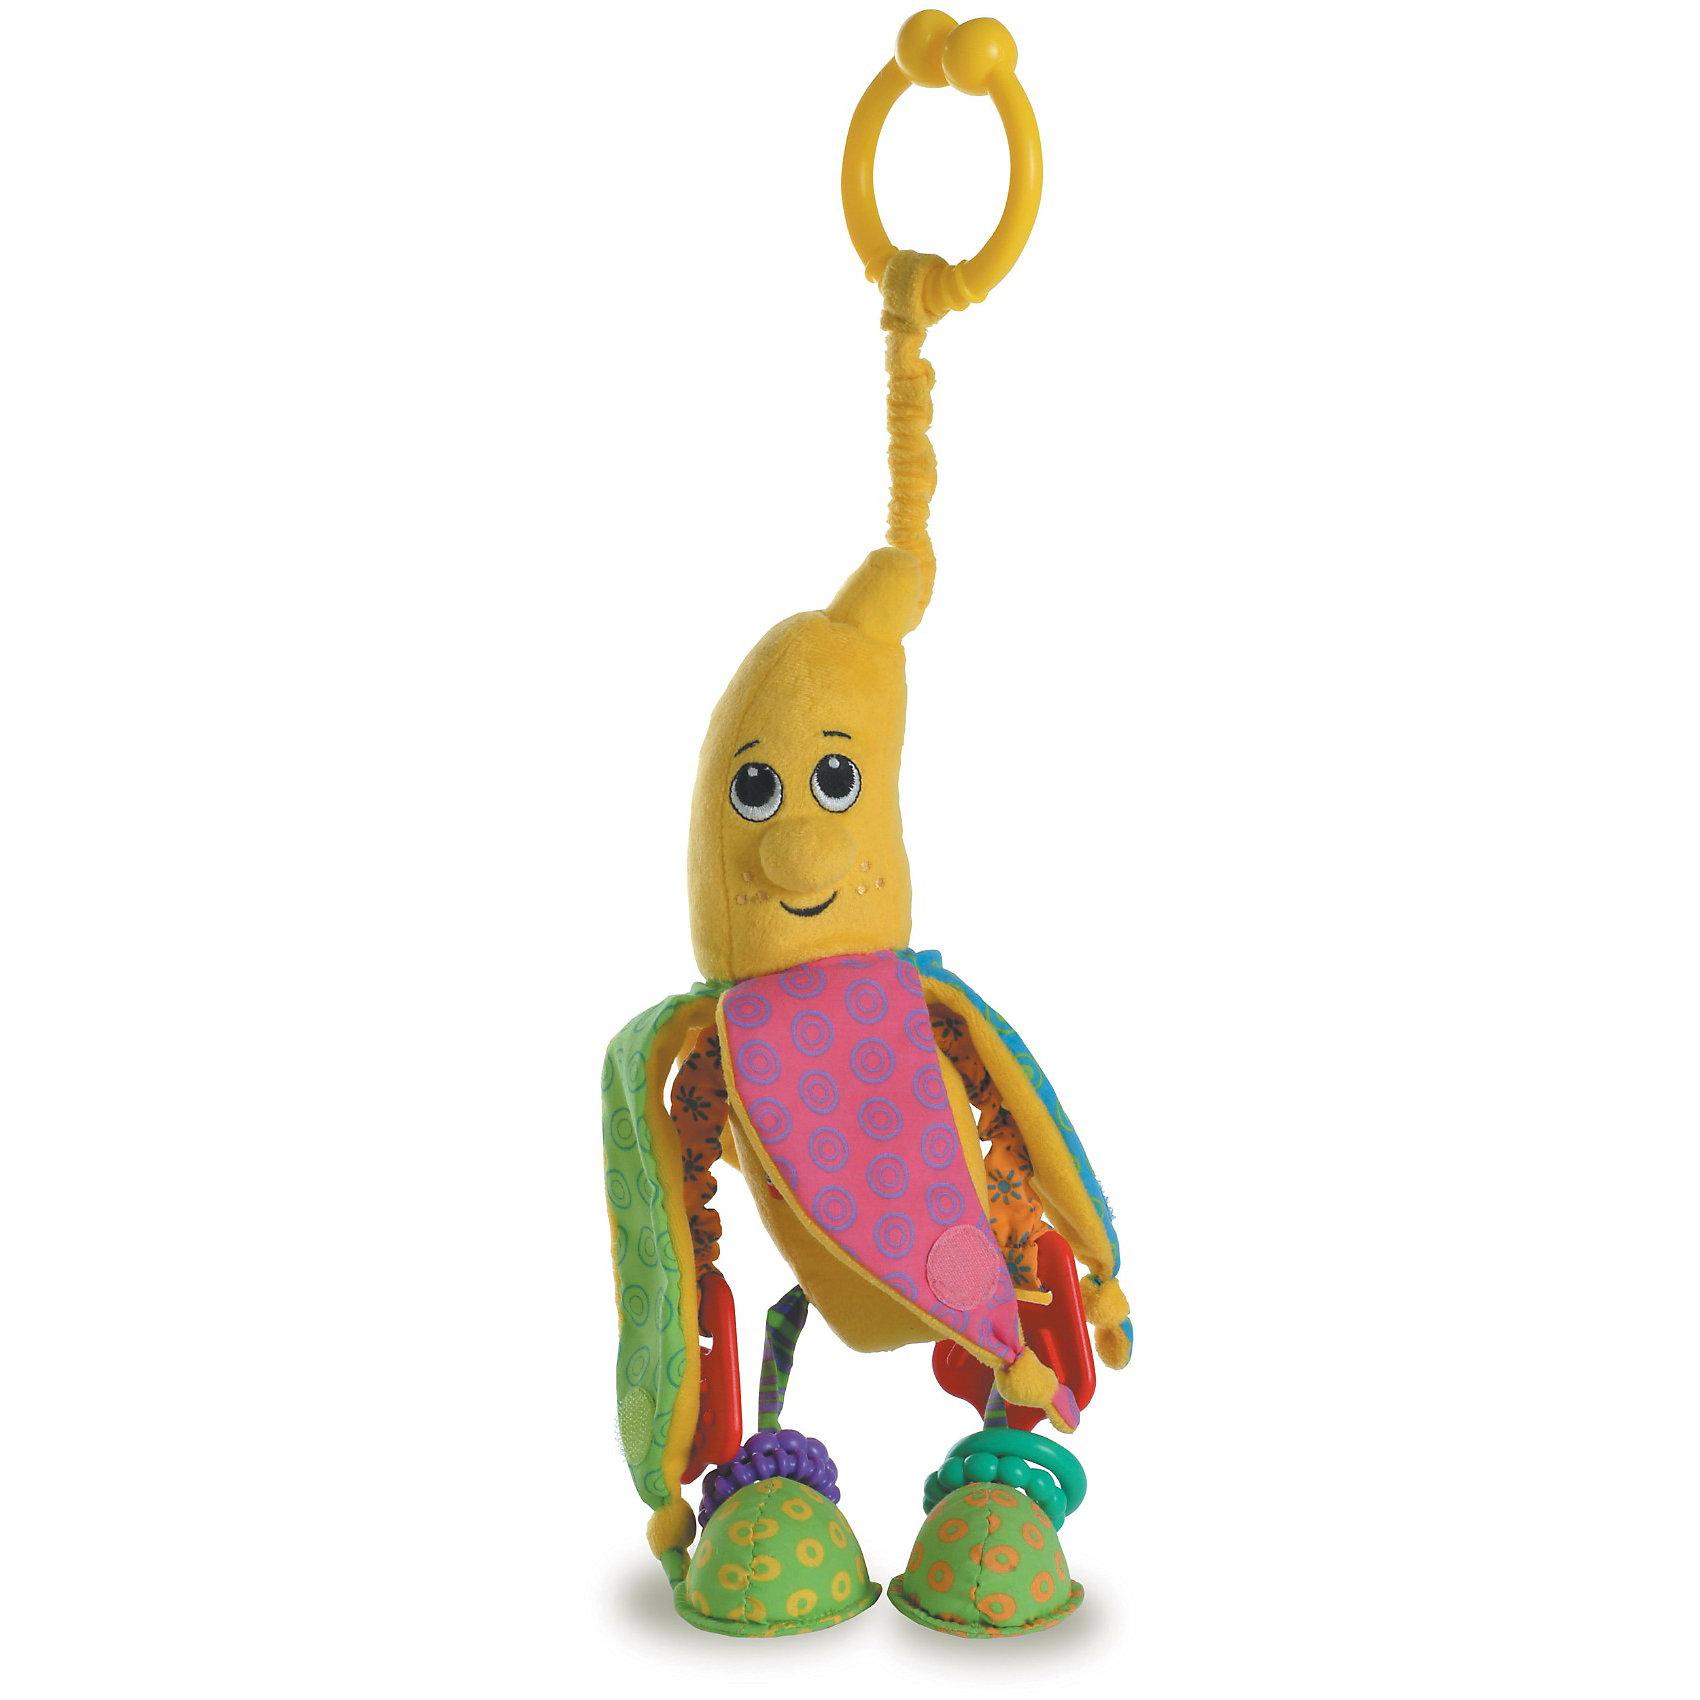 Развивающая игрушка Бананчик Анна, серия Друзья фрукты, Tiny LoveСерия Tiny Love (Тини Лав) «Друзья фрукты» - это чудесные игрушки, которые пробудят любопытство Вашего малыша и будут развивать его органы чувств. <br>Все игрушки этой серии снабжены кольцами-прищепками и таят в себе множество сюрпризов. <br>Яркий Бананчик Анну можно по-настоящему «чистить», у него ручки на пружинках, хрустящая поверхность, а ещё у него есть мягкое кольцо-прорезыватель, а на ножках с зеркальными подошвами - колечки-погремушки.<br><br>Размеры: 13*35*7 см.<br><br>Развивающую игрушку Бананчик Анна можно купить в нашем интернет магазине.<br><br>Ширина мм: 300<br>Глубина мм: 100<br>Высота мм: 90<br>Вес г: 170<br>Возраст от месяцев: 0<br>Возраст до месяцев: 24<br>Пол: Унисекс<br>Возраст: Детский<br>SKU: 2075063